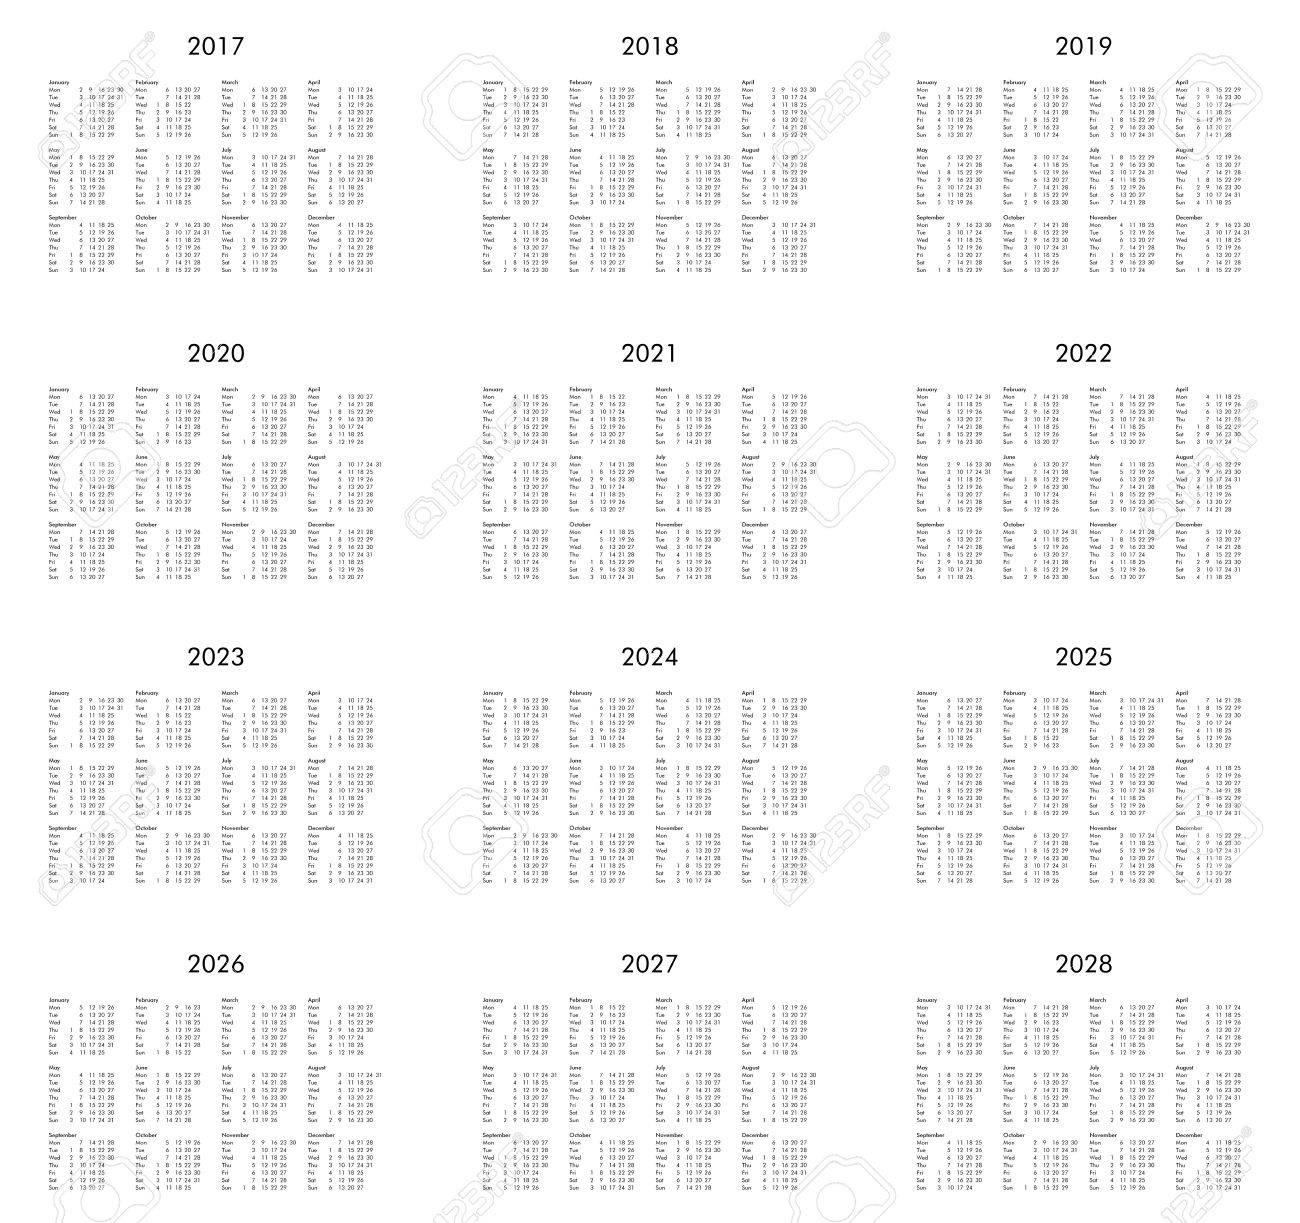 Calendrier 2017 2022 2023 2022 Calendrier Des Années 2017, 2018, 2019, 2020, 2021, 2022, 2023